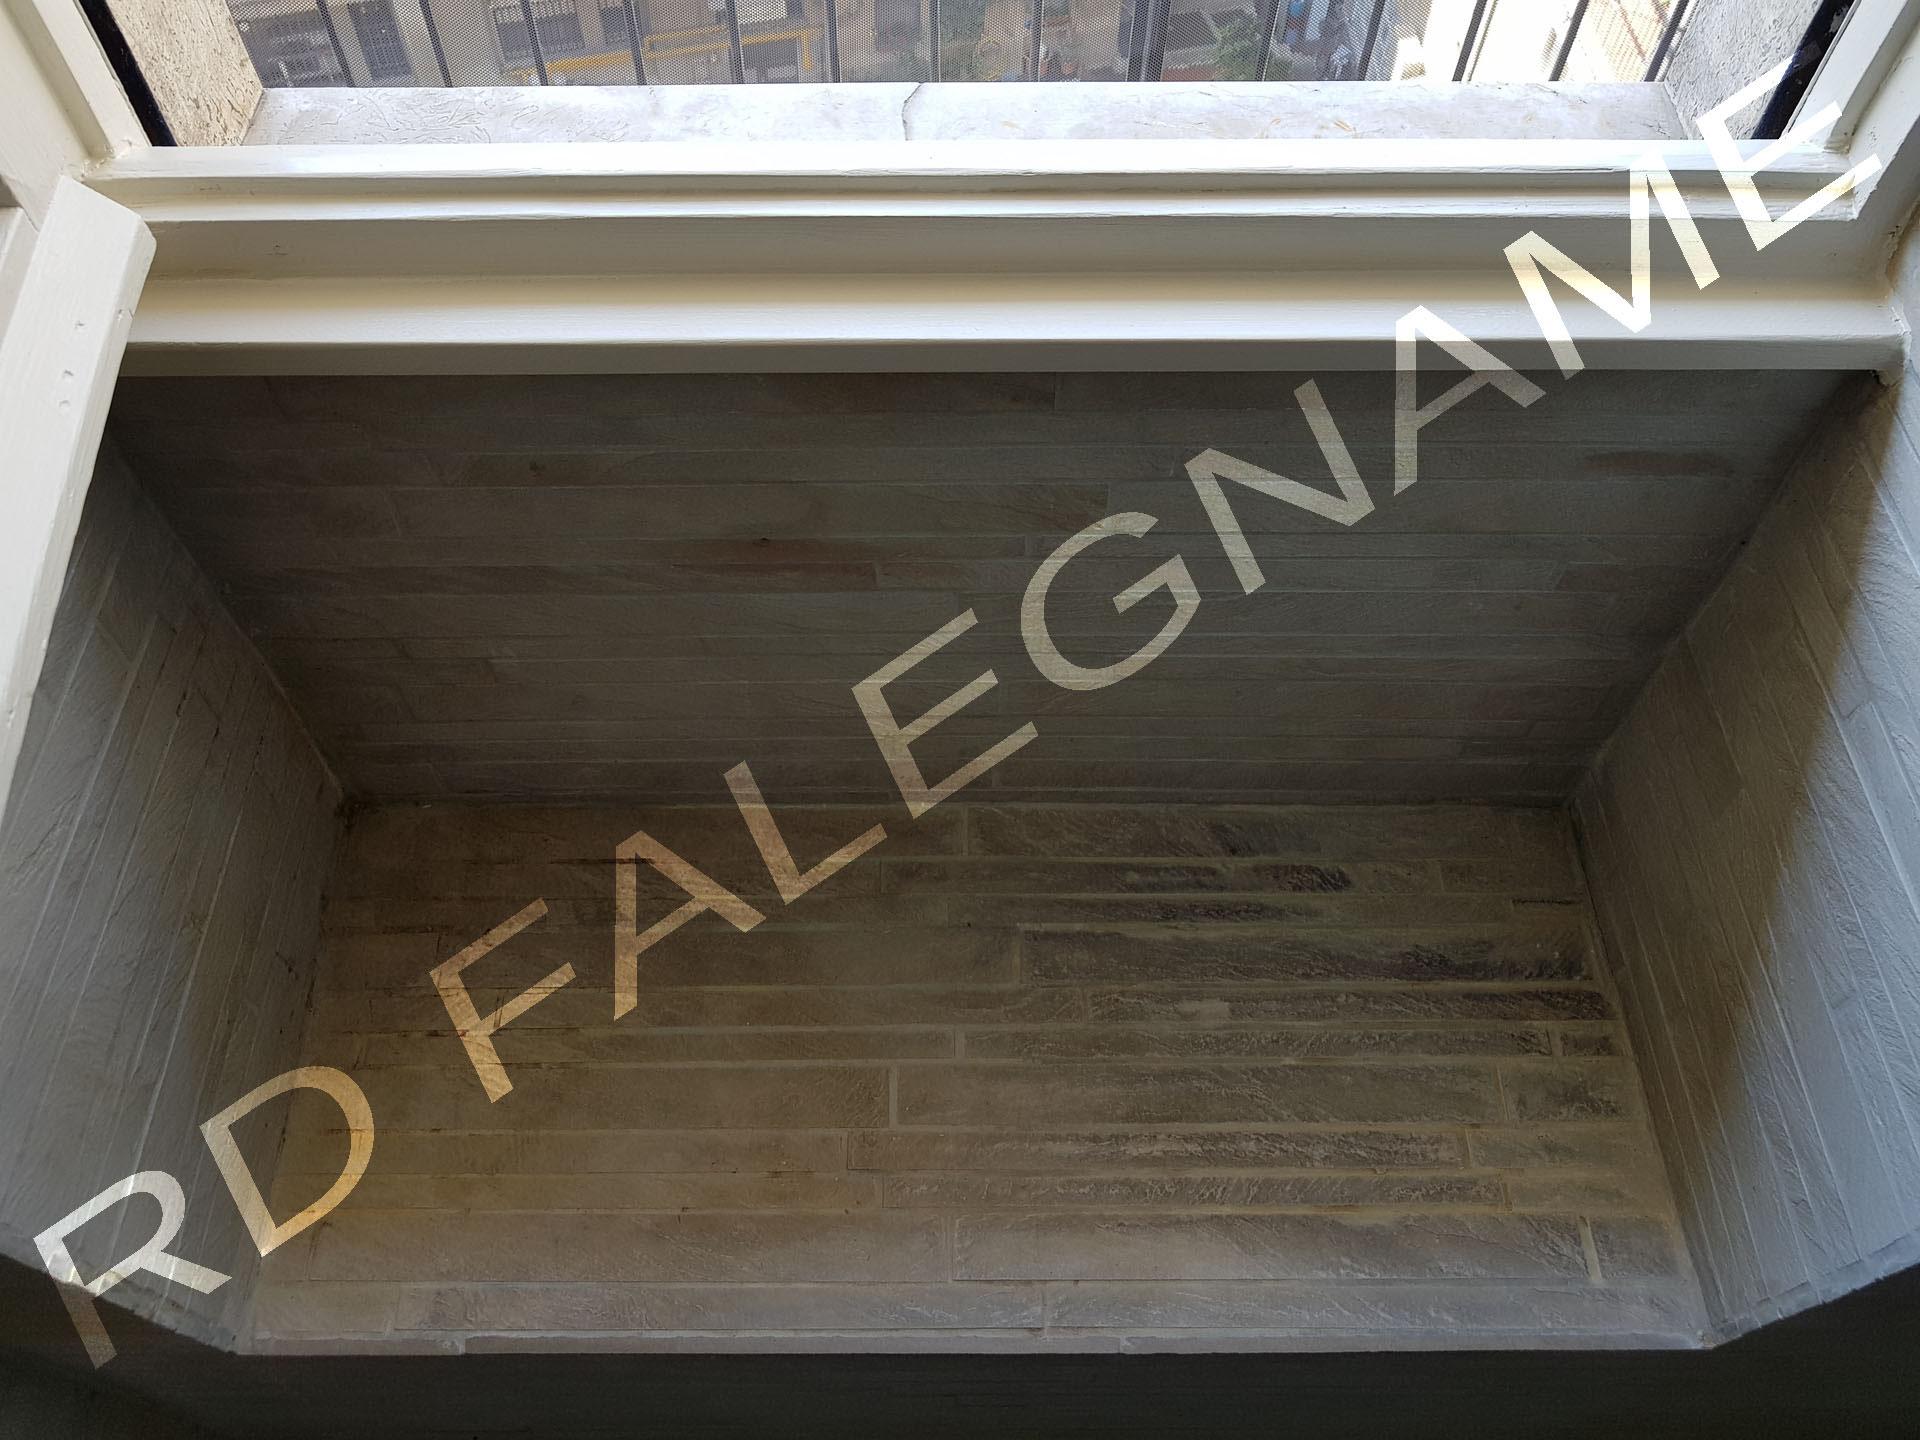 Sistemazione di finestre vecchia milano in legno con riparazione e verniciatura a smalto rd - Verniciatura finestre prezzi ...